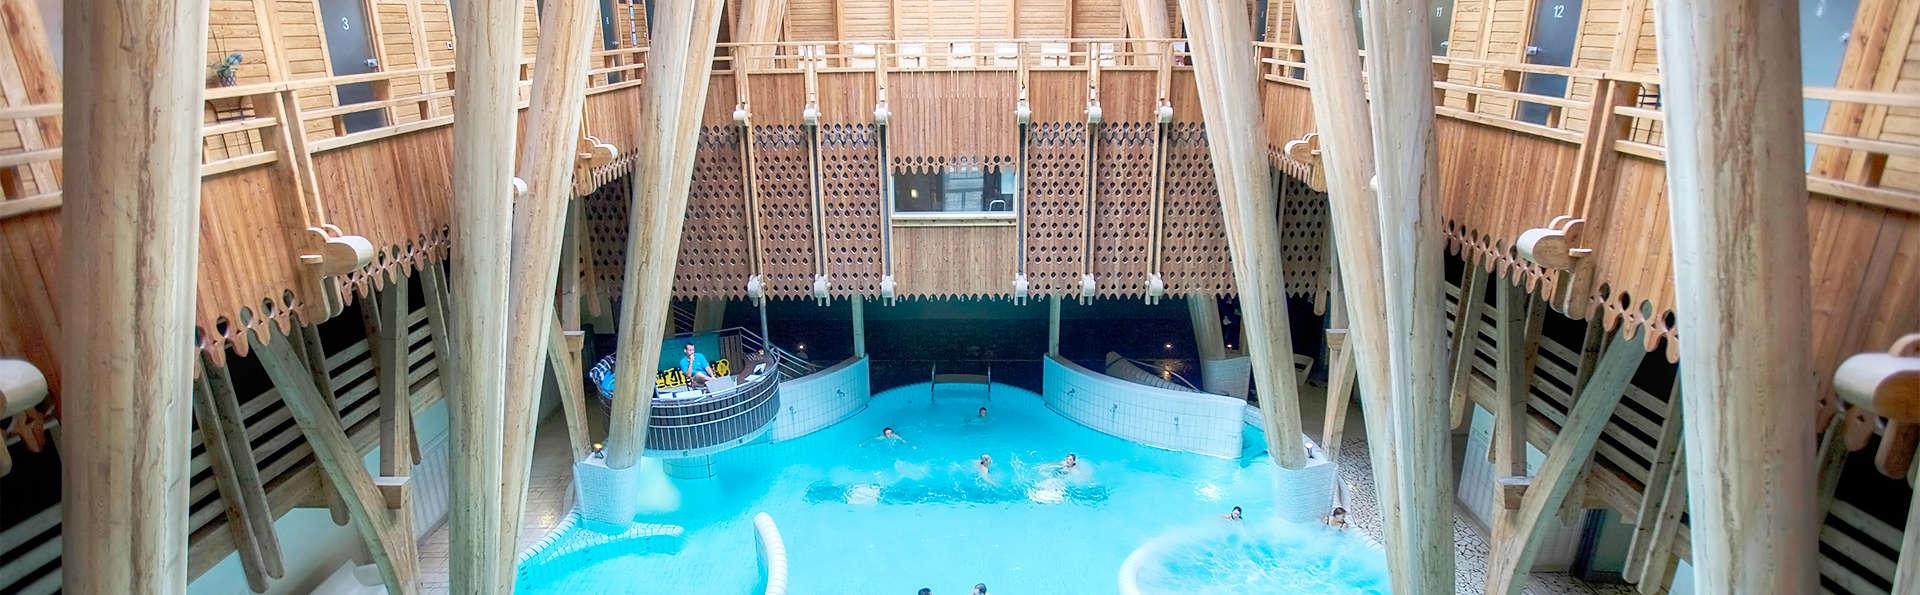 Séjour détente avec spa dans un hôtel design à Tarbes